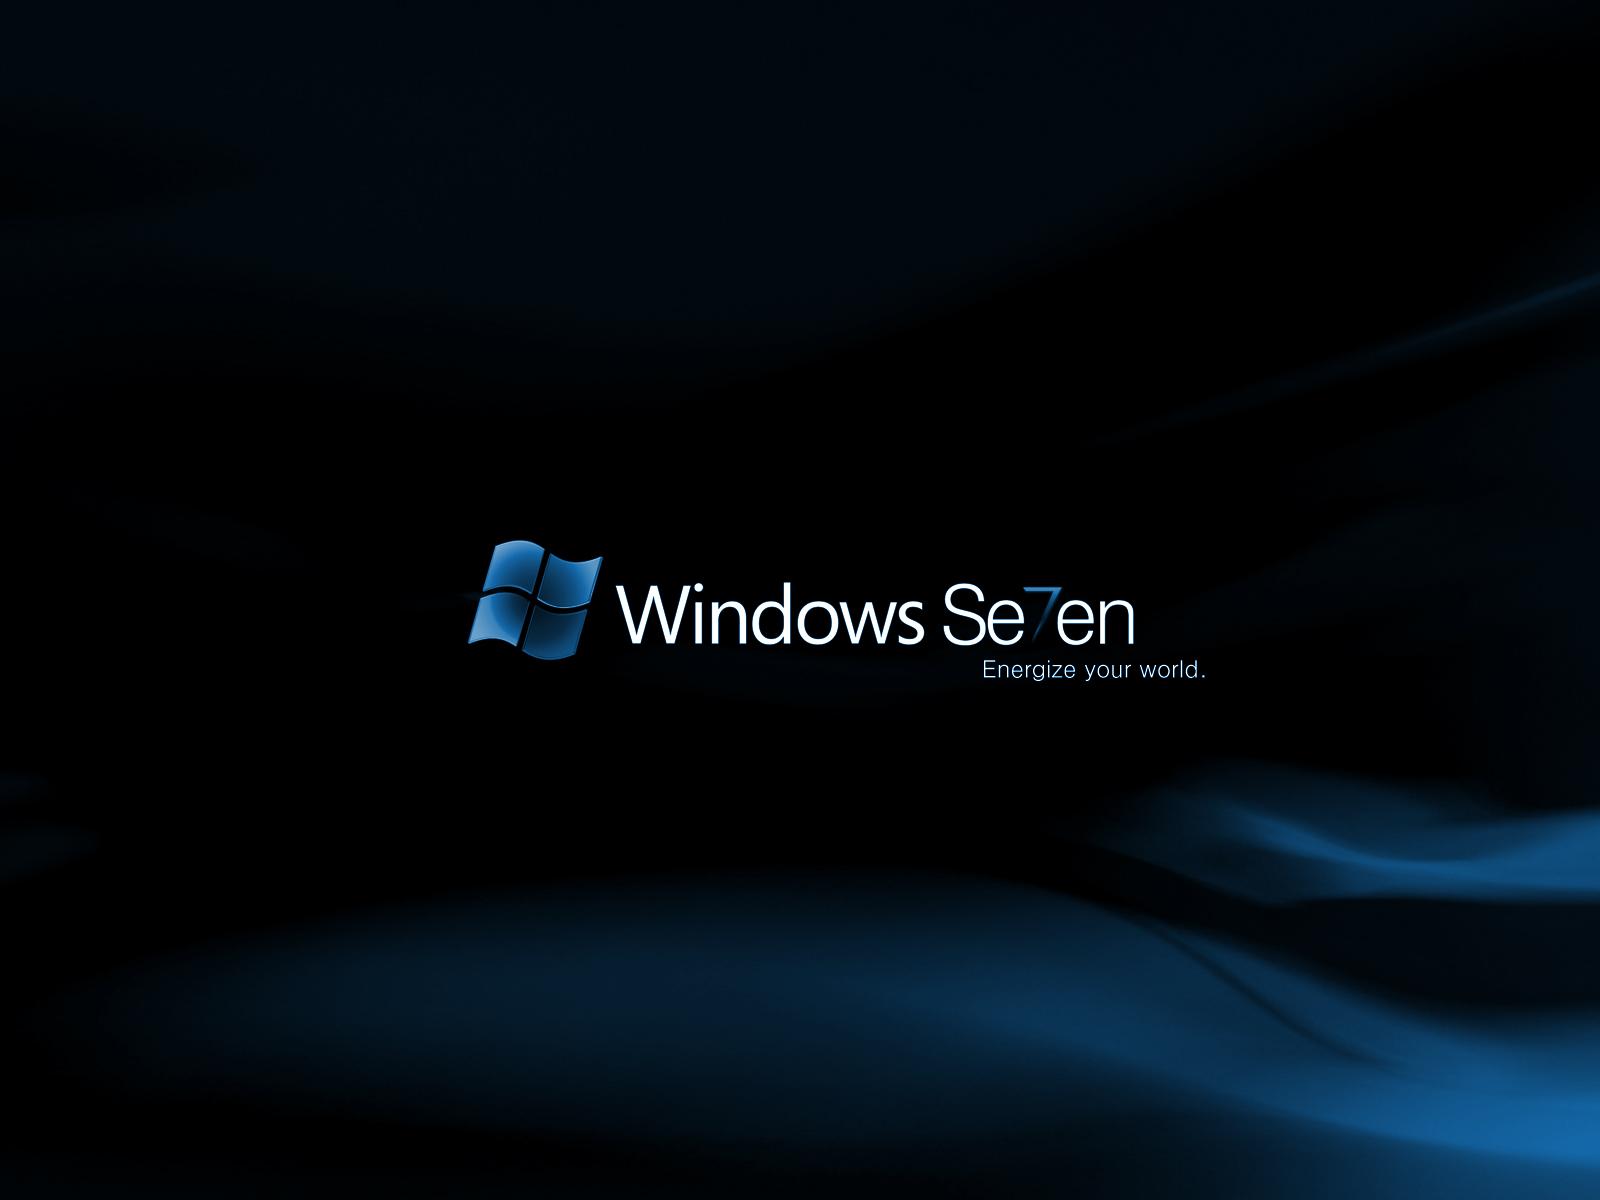 http://4.bp.blogspot.com/-eZrOCT7Dnrc/UJA80BmECOI/AAAAAAAAAKc/BM8nYjSuUP0/s1600/Windows-Seven-Energizer.jpg